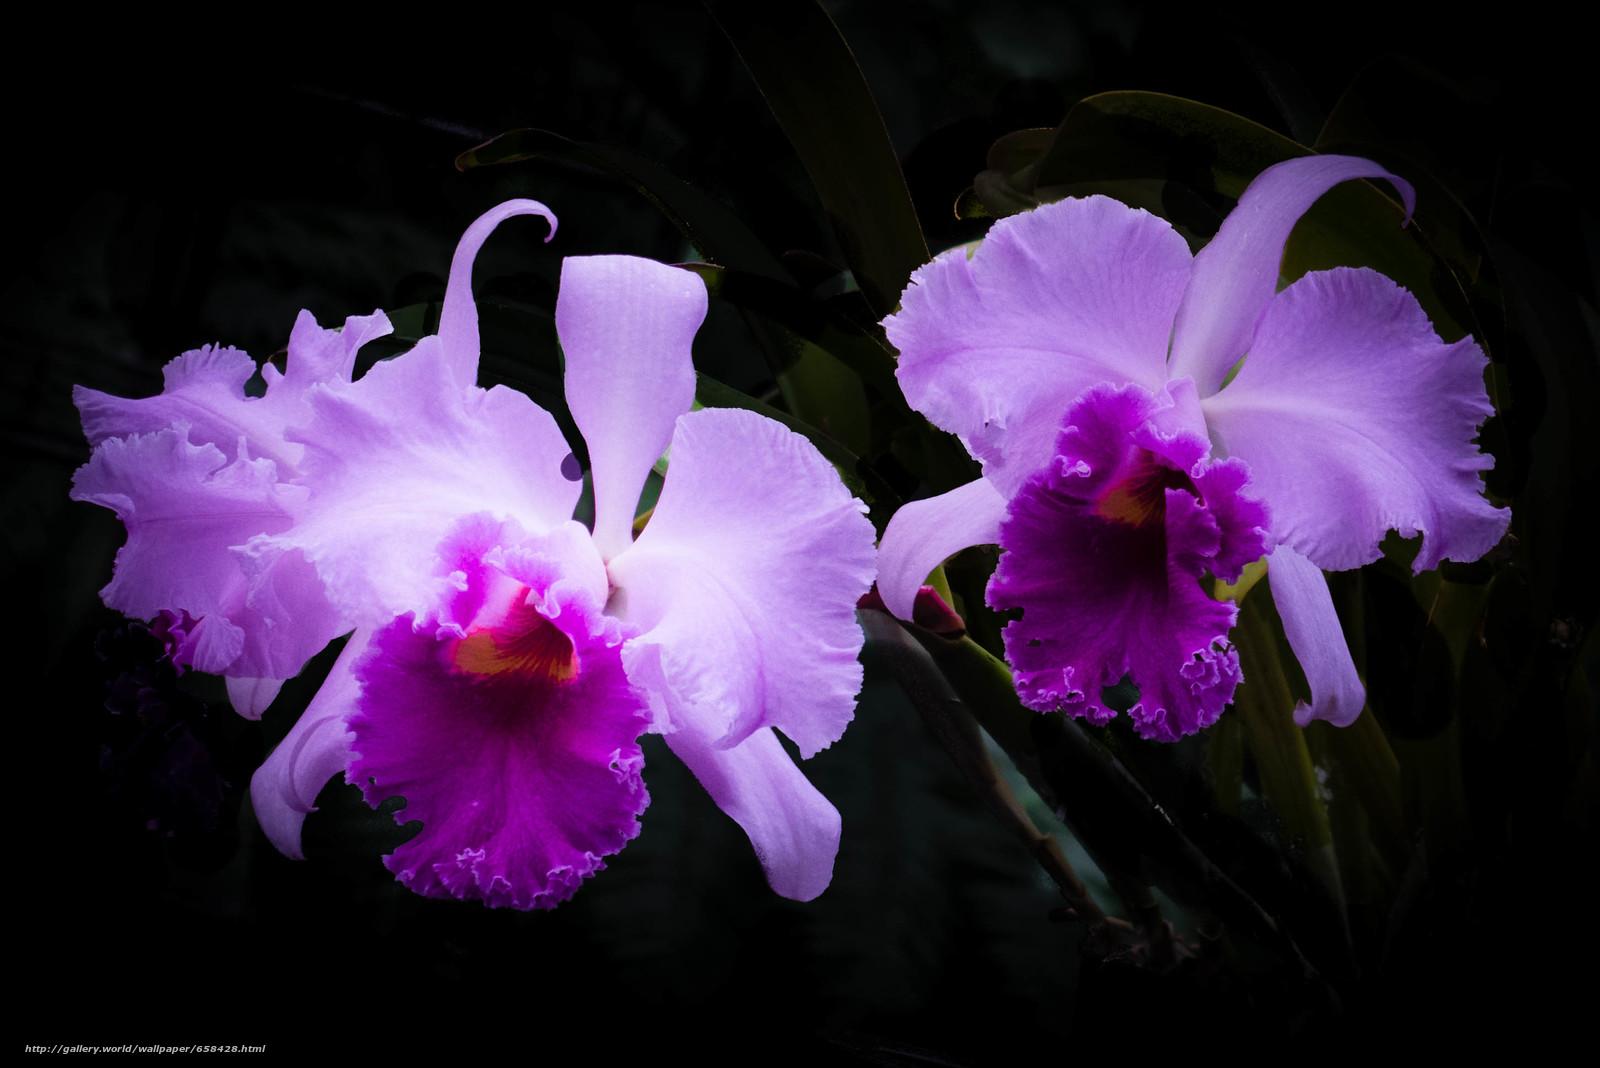 Скачать обои цветок,  цветы,  флора бесплатно для рабочего стола в разрешении 2900x1935 — картинка №658428